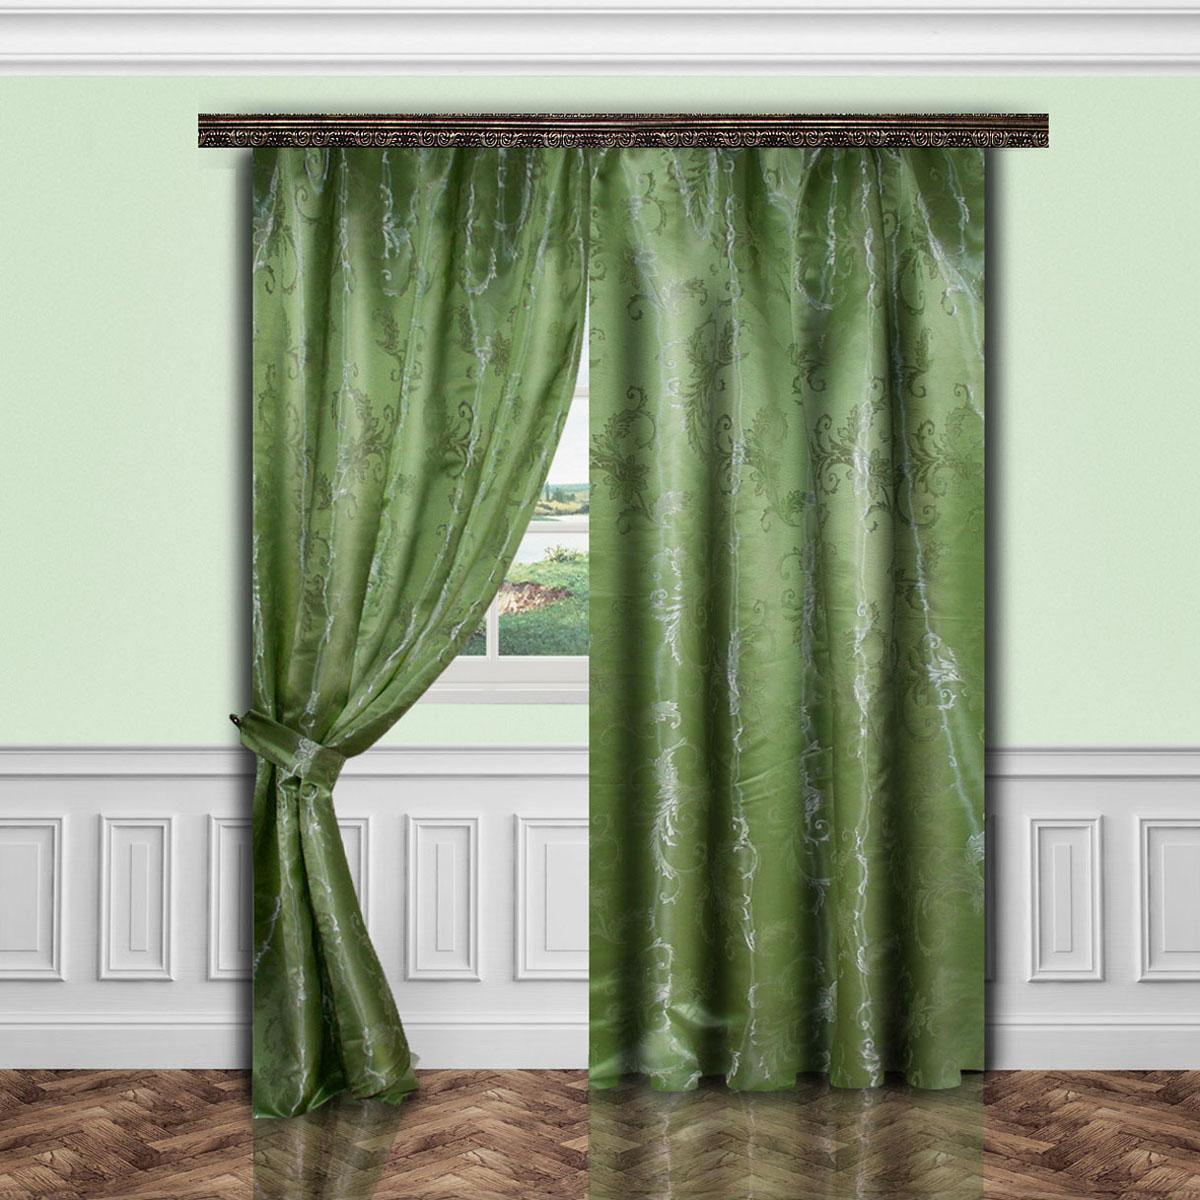 Комплект штор Zlata Korunka, на ленте, цвет: зеленый, высота 260 см. 5564055640Роскошный комплект штор Zlata Korunka, выполненный из полиэстера, великолепно украсит любое окно. Комплект состоит двух штор и двух подхватов. Изящный узор и приятная цветовая гамма привлекут к себе внимание и органично впишутся в интерьер помещения. Этот комплект будет долгое время радовать вас и вашу семью! Комплект крепится на карниз при помощи ленты, которая поможет красиво и равномерно задрапировать верх. В комплект входит: Штора: 2 шт. Размер (Ш х В): 145 см х 260 см. Подхват: 2 шт.